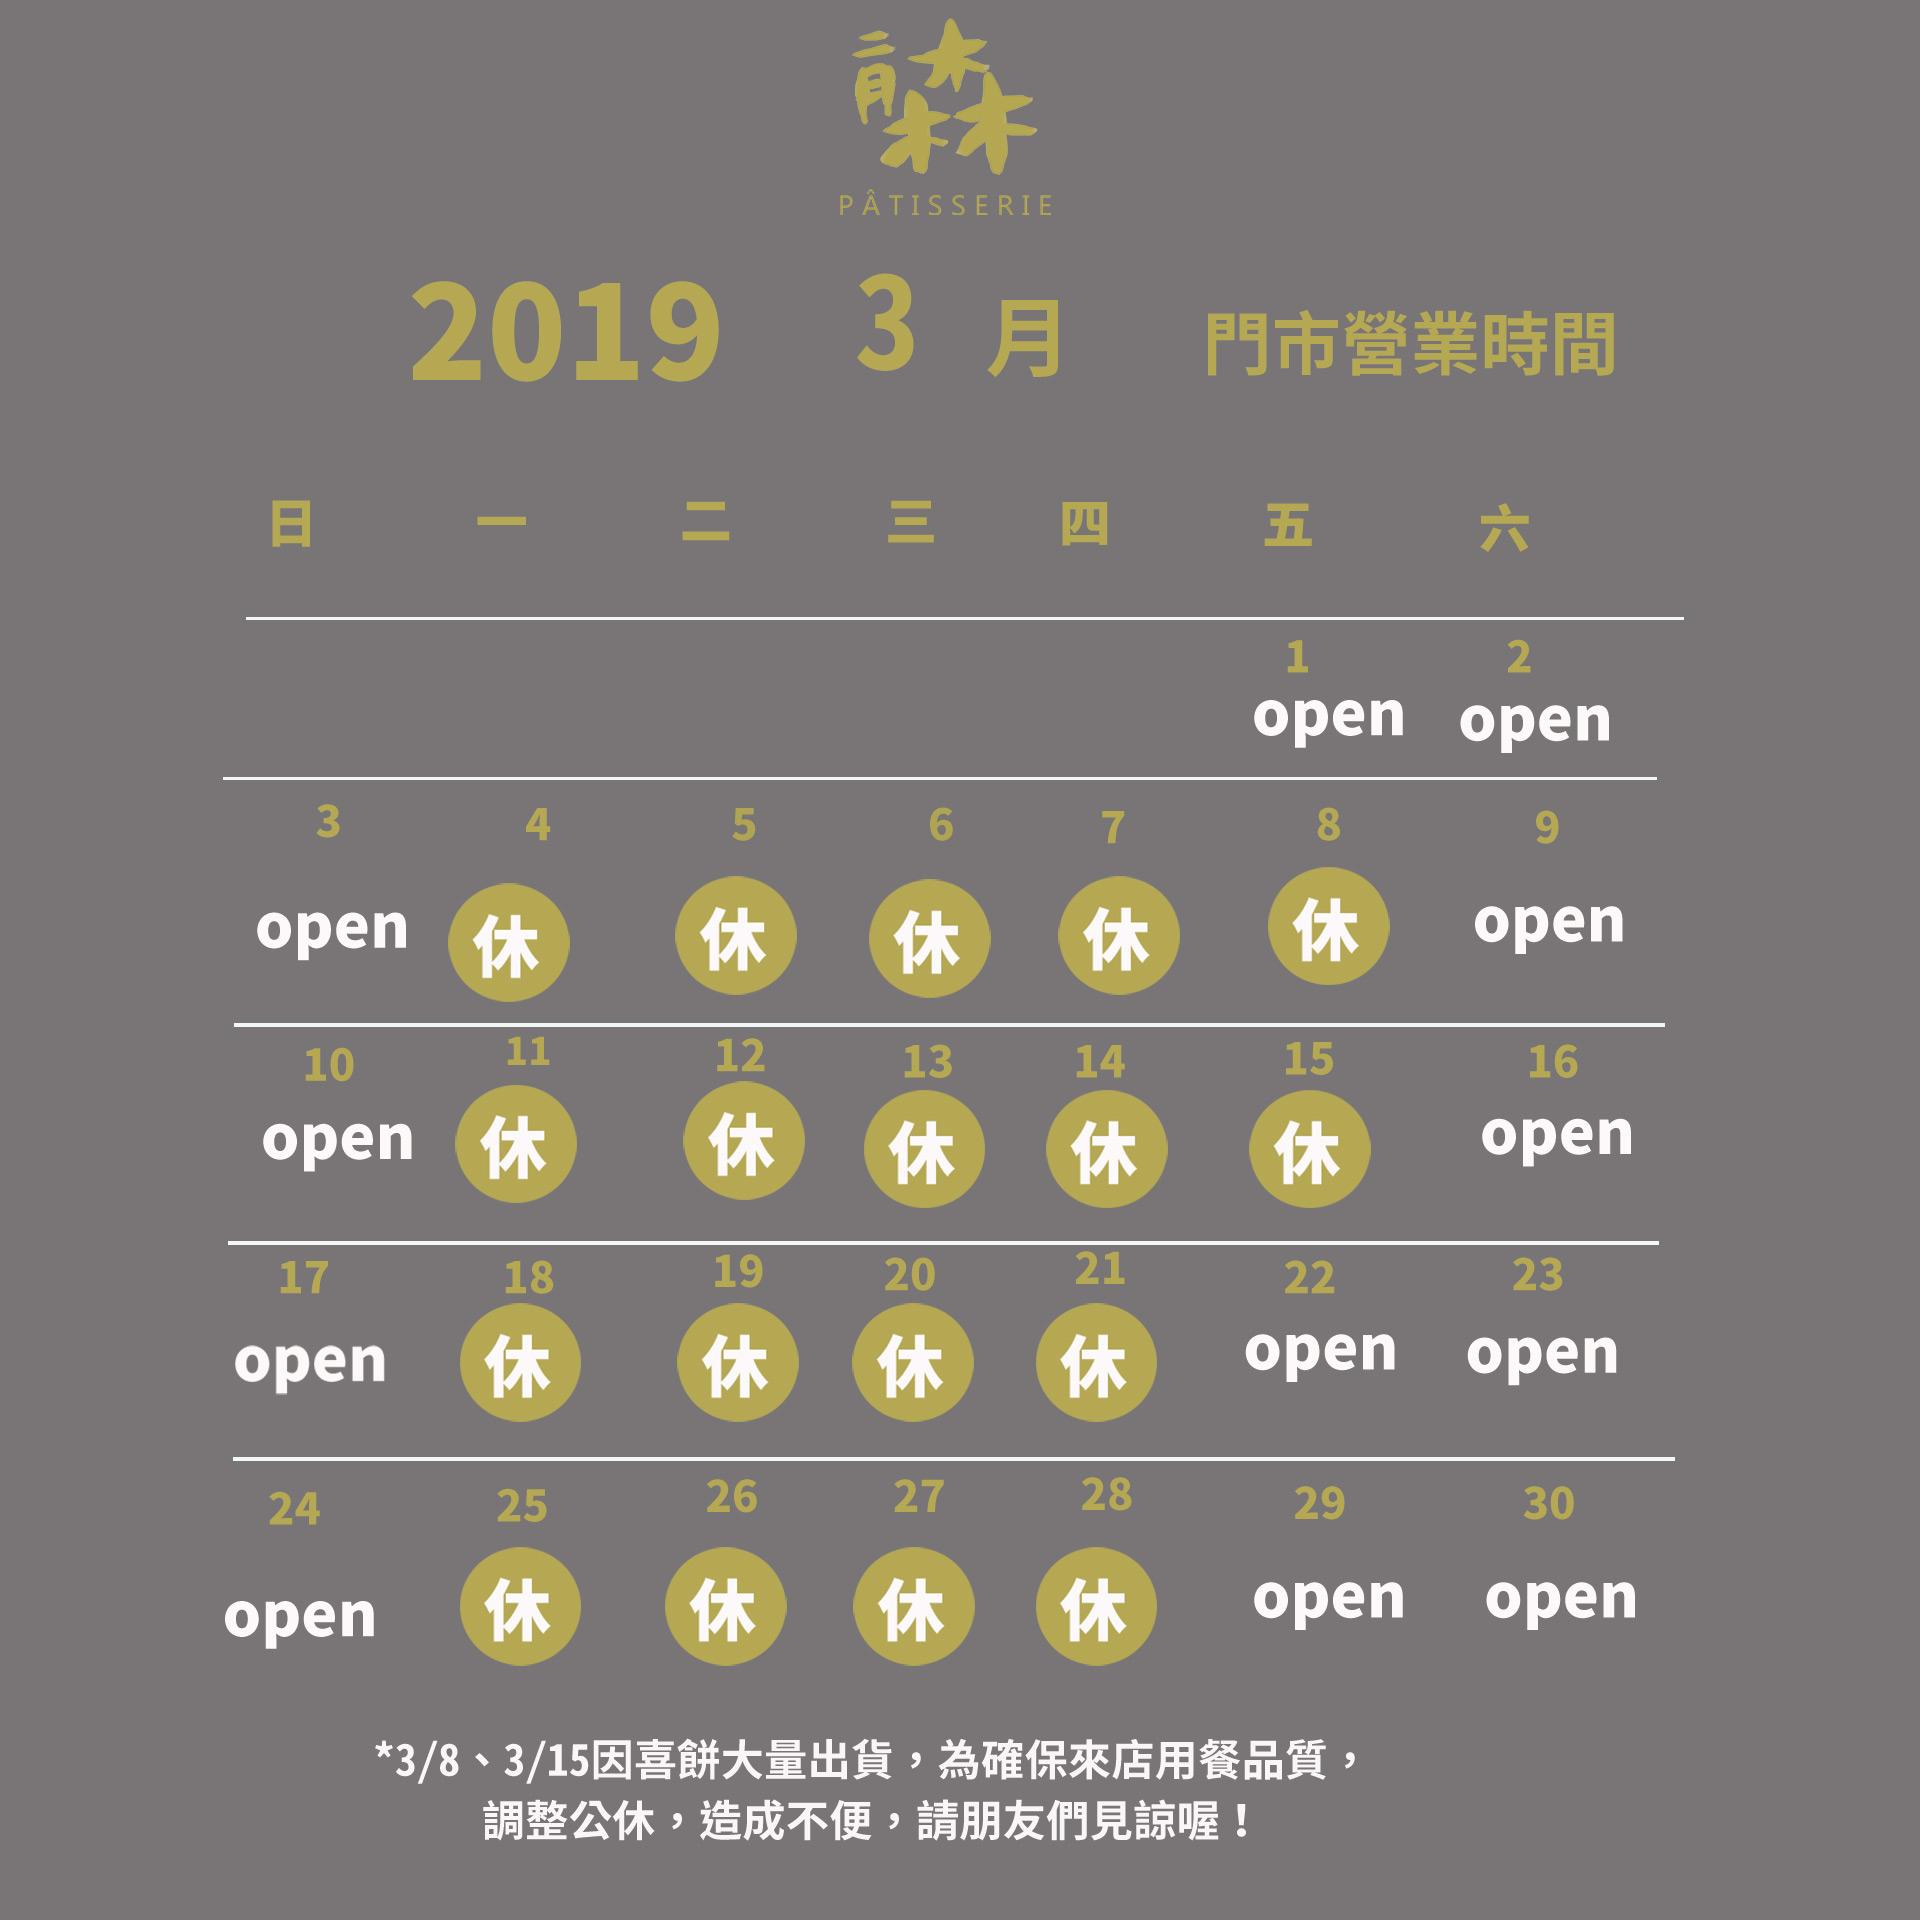 2019 3月份門市行事曆